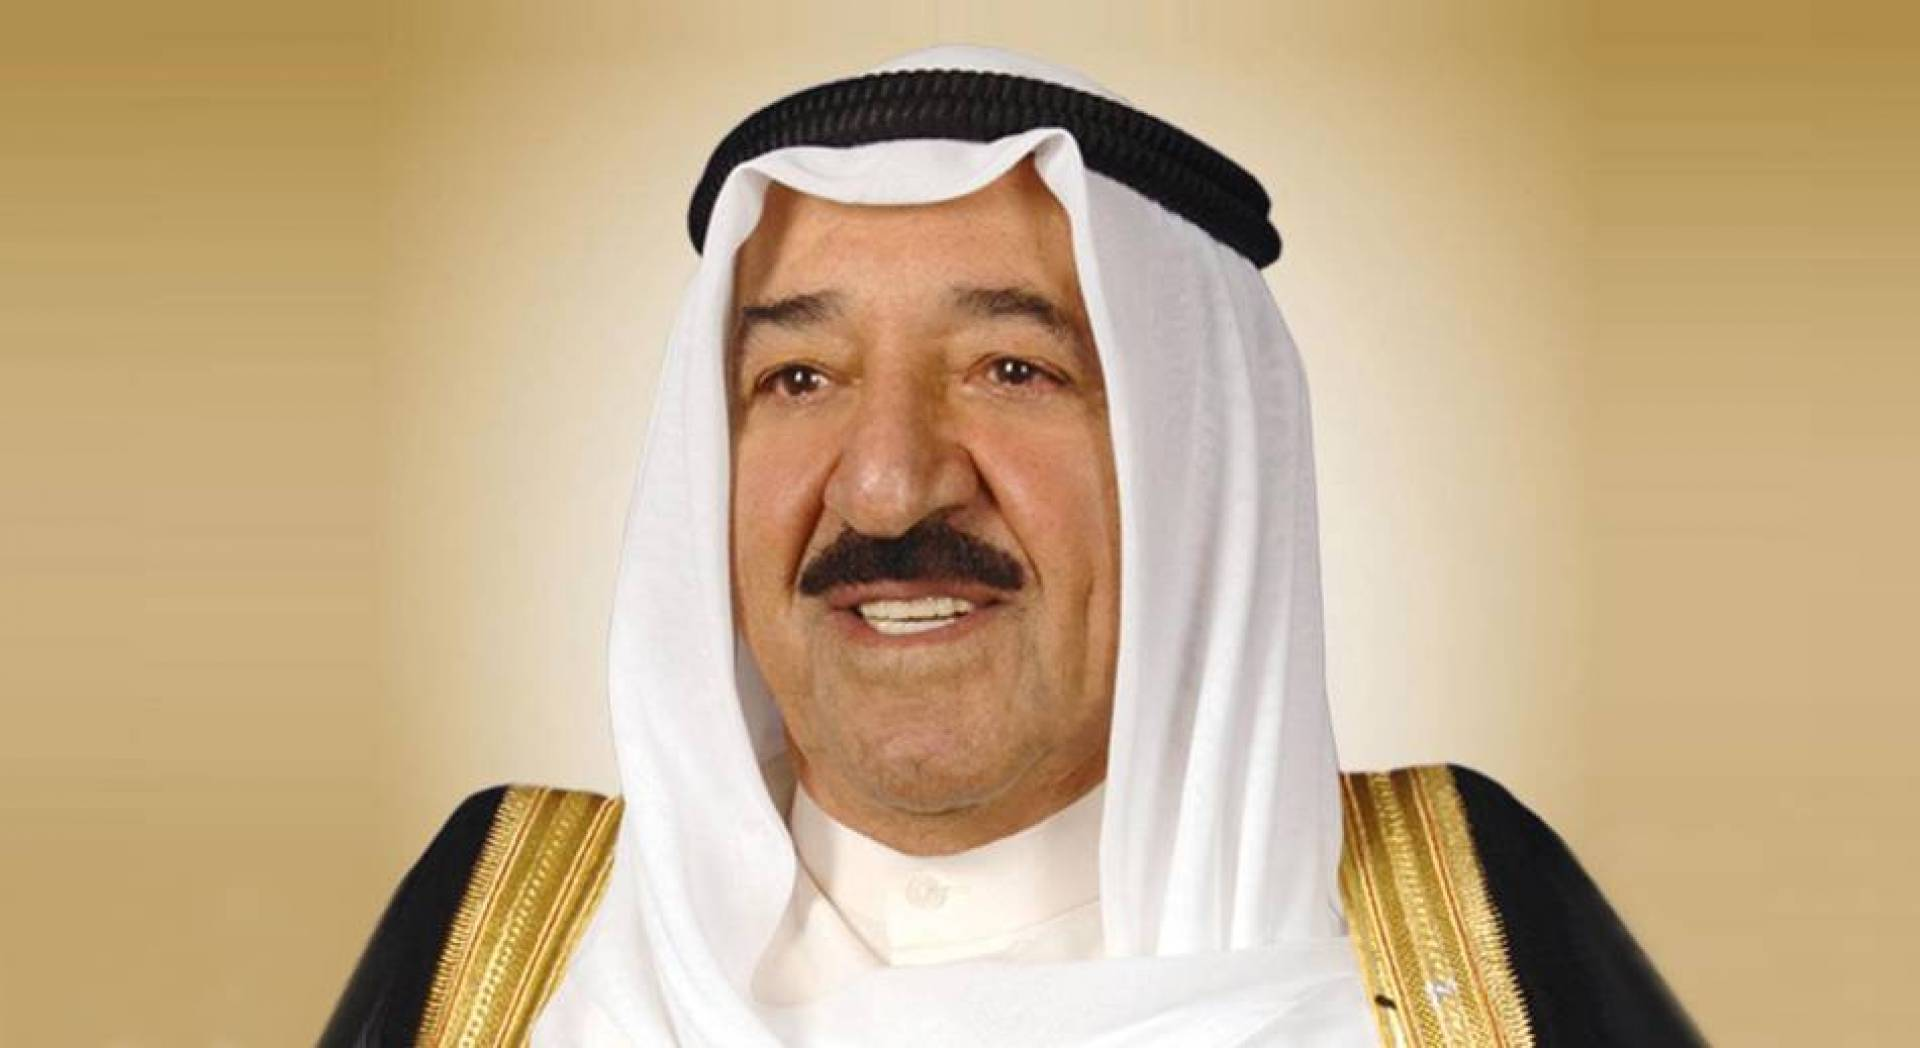 سمو الأمير يهنئ المواطنين والمقيمين بمناسبة قرب حلول شهر رمضان